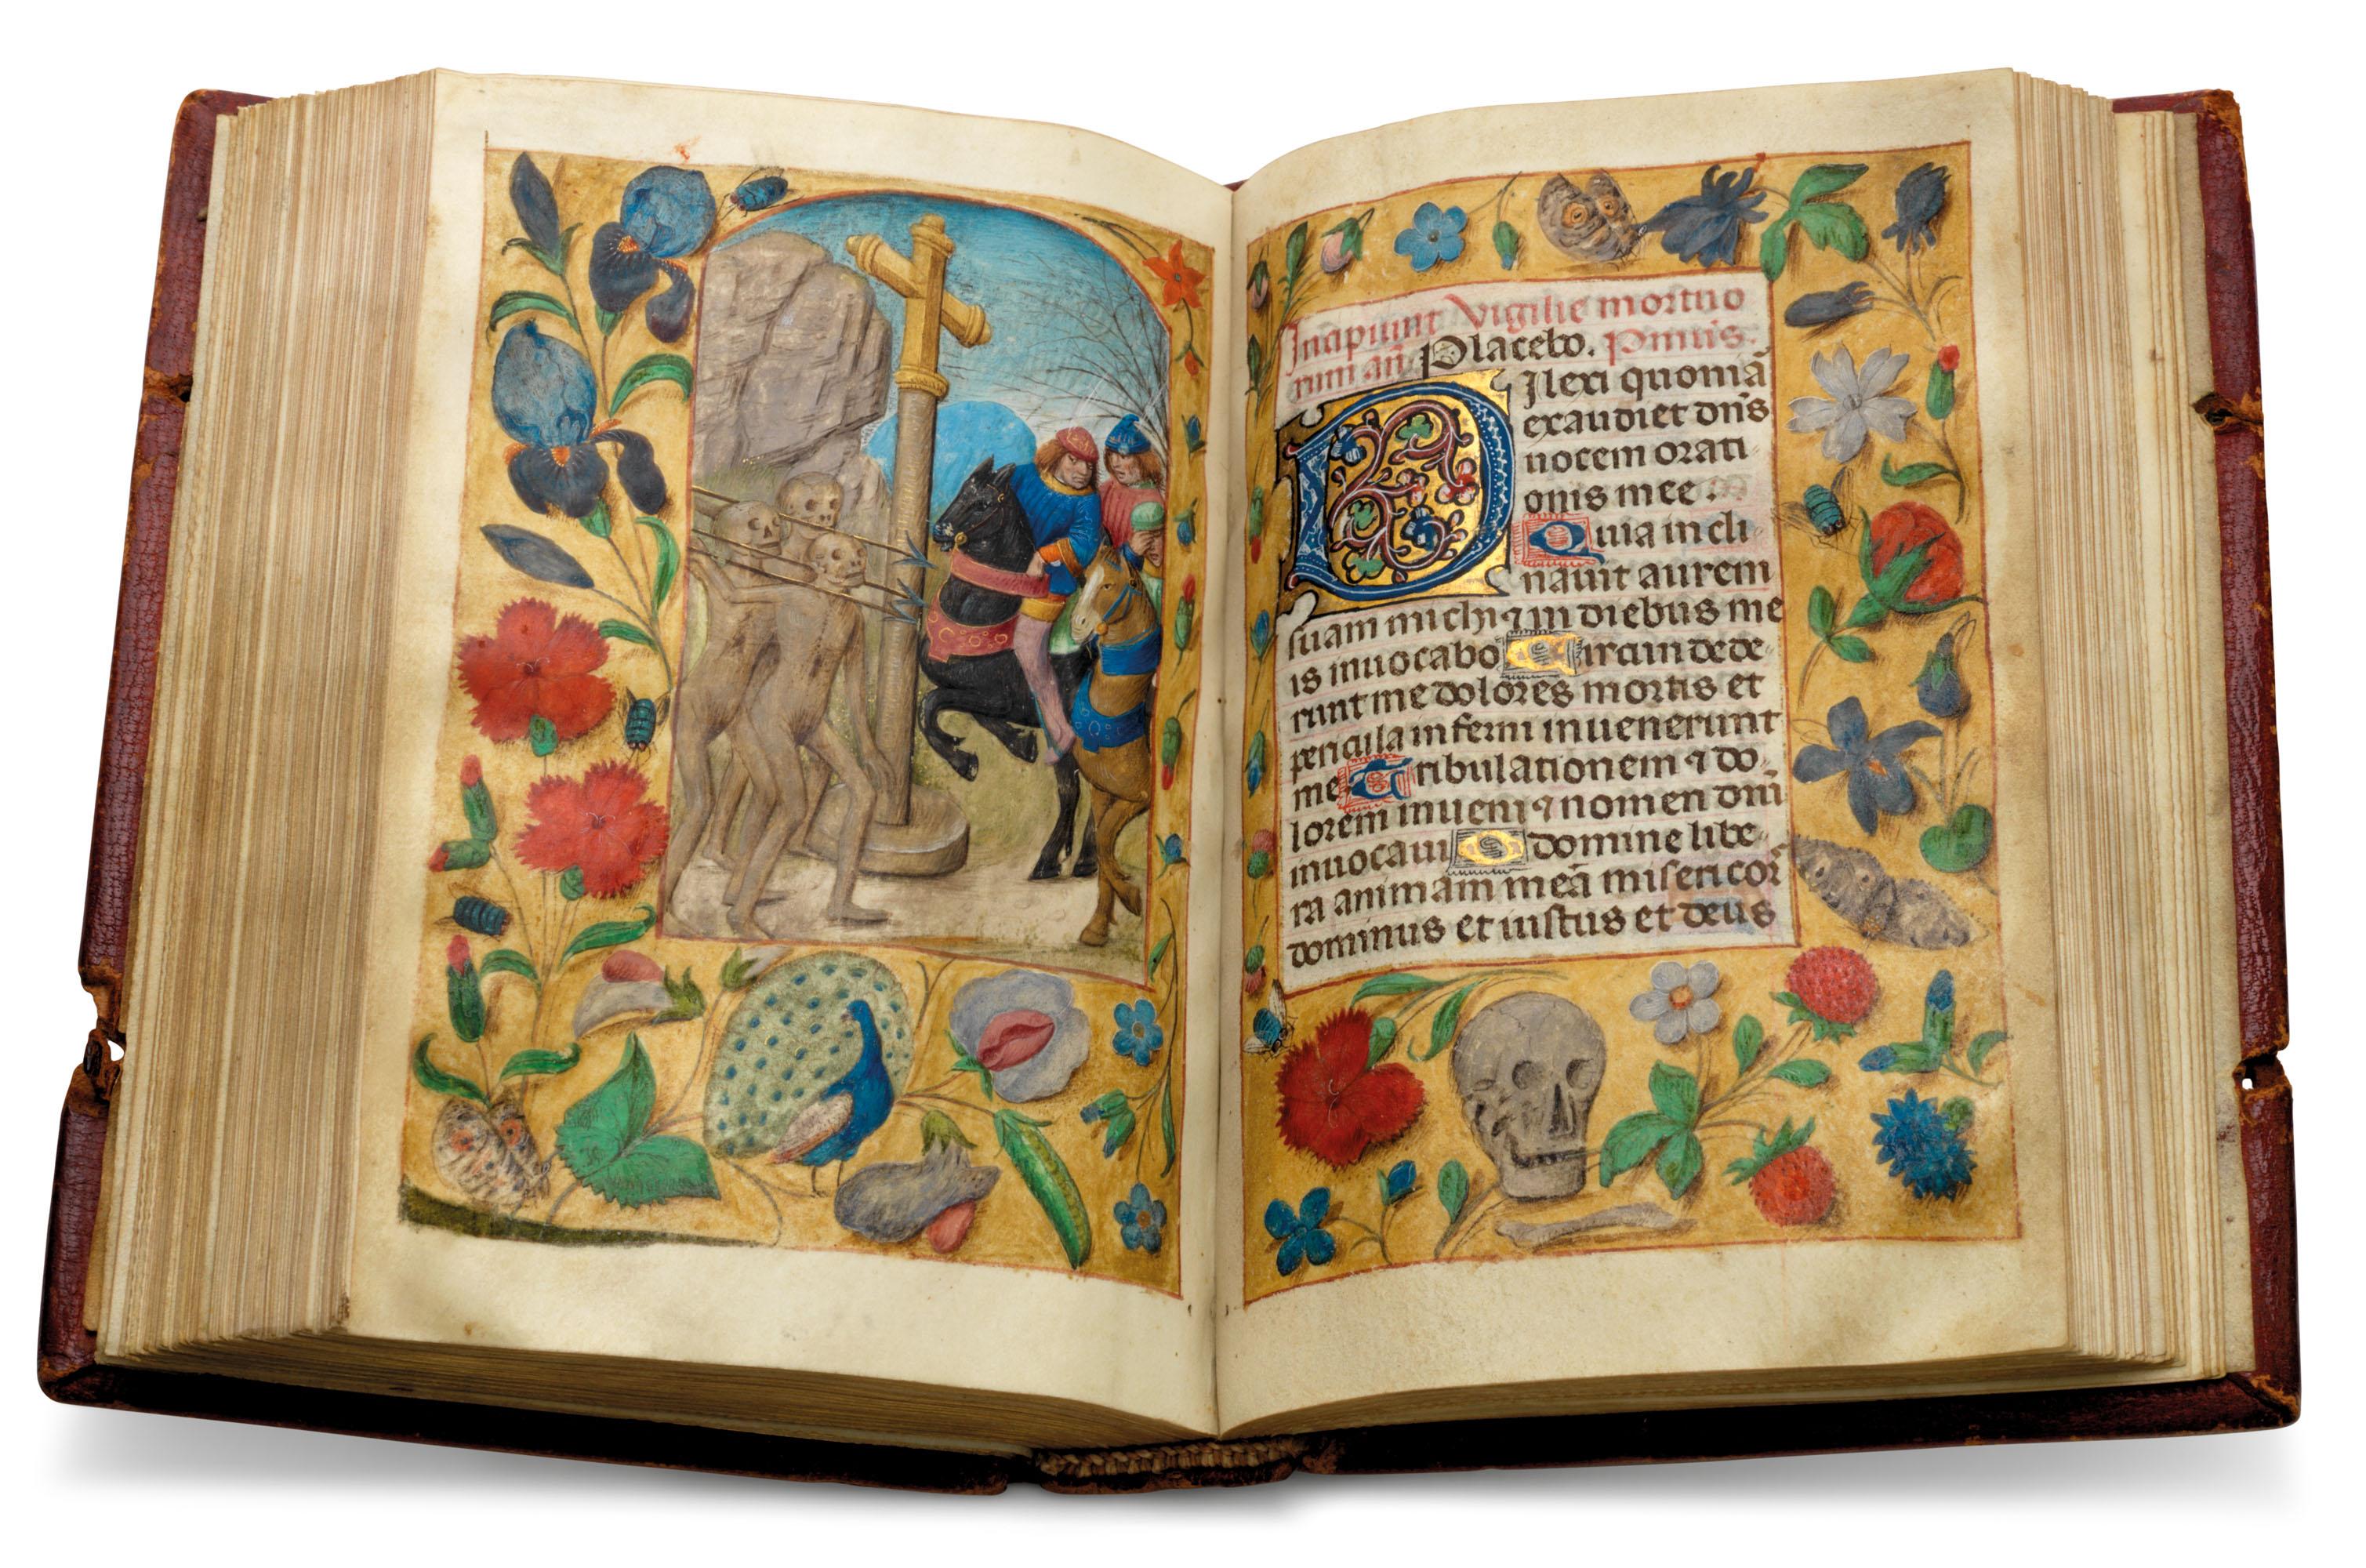 Bruges artist (active c.1490-1500)